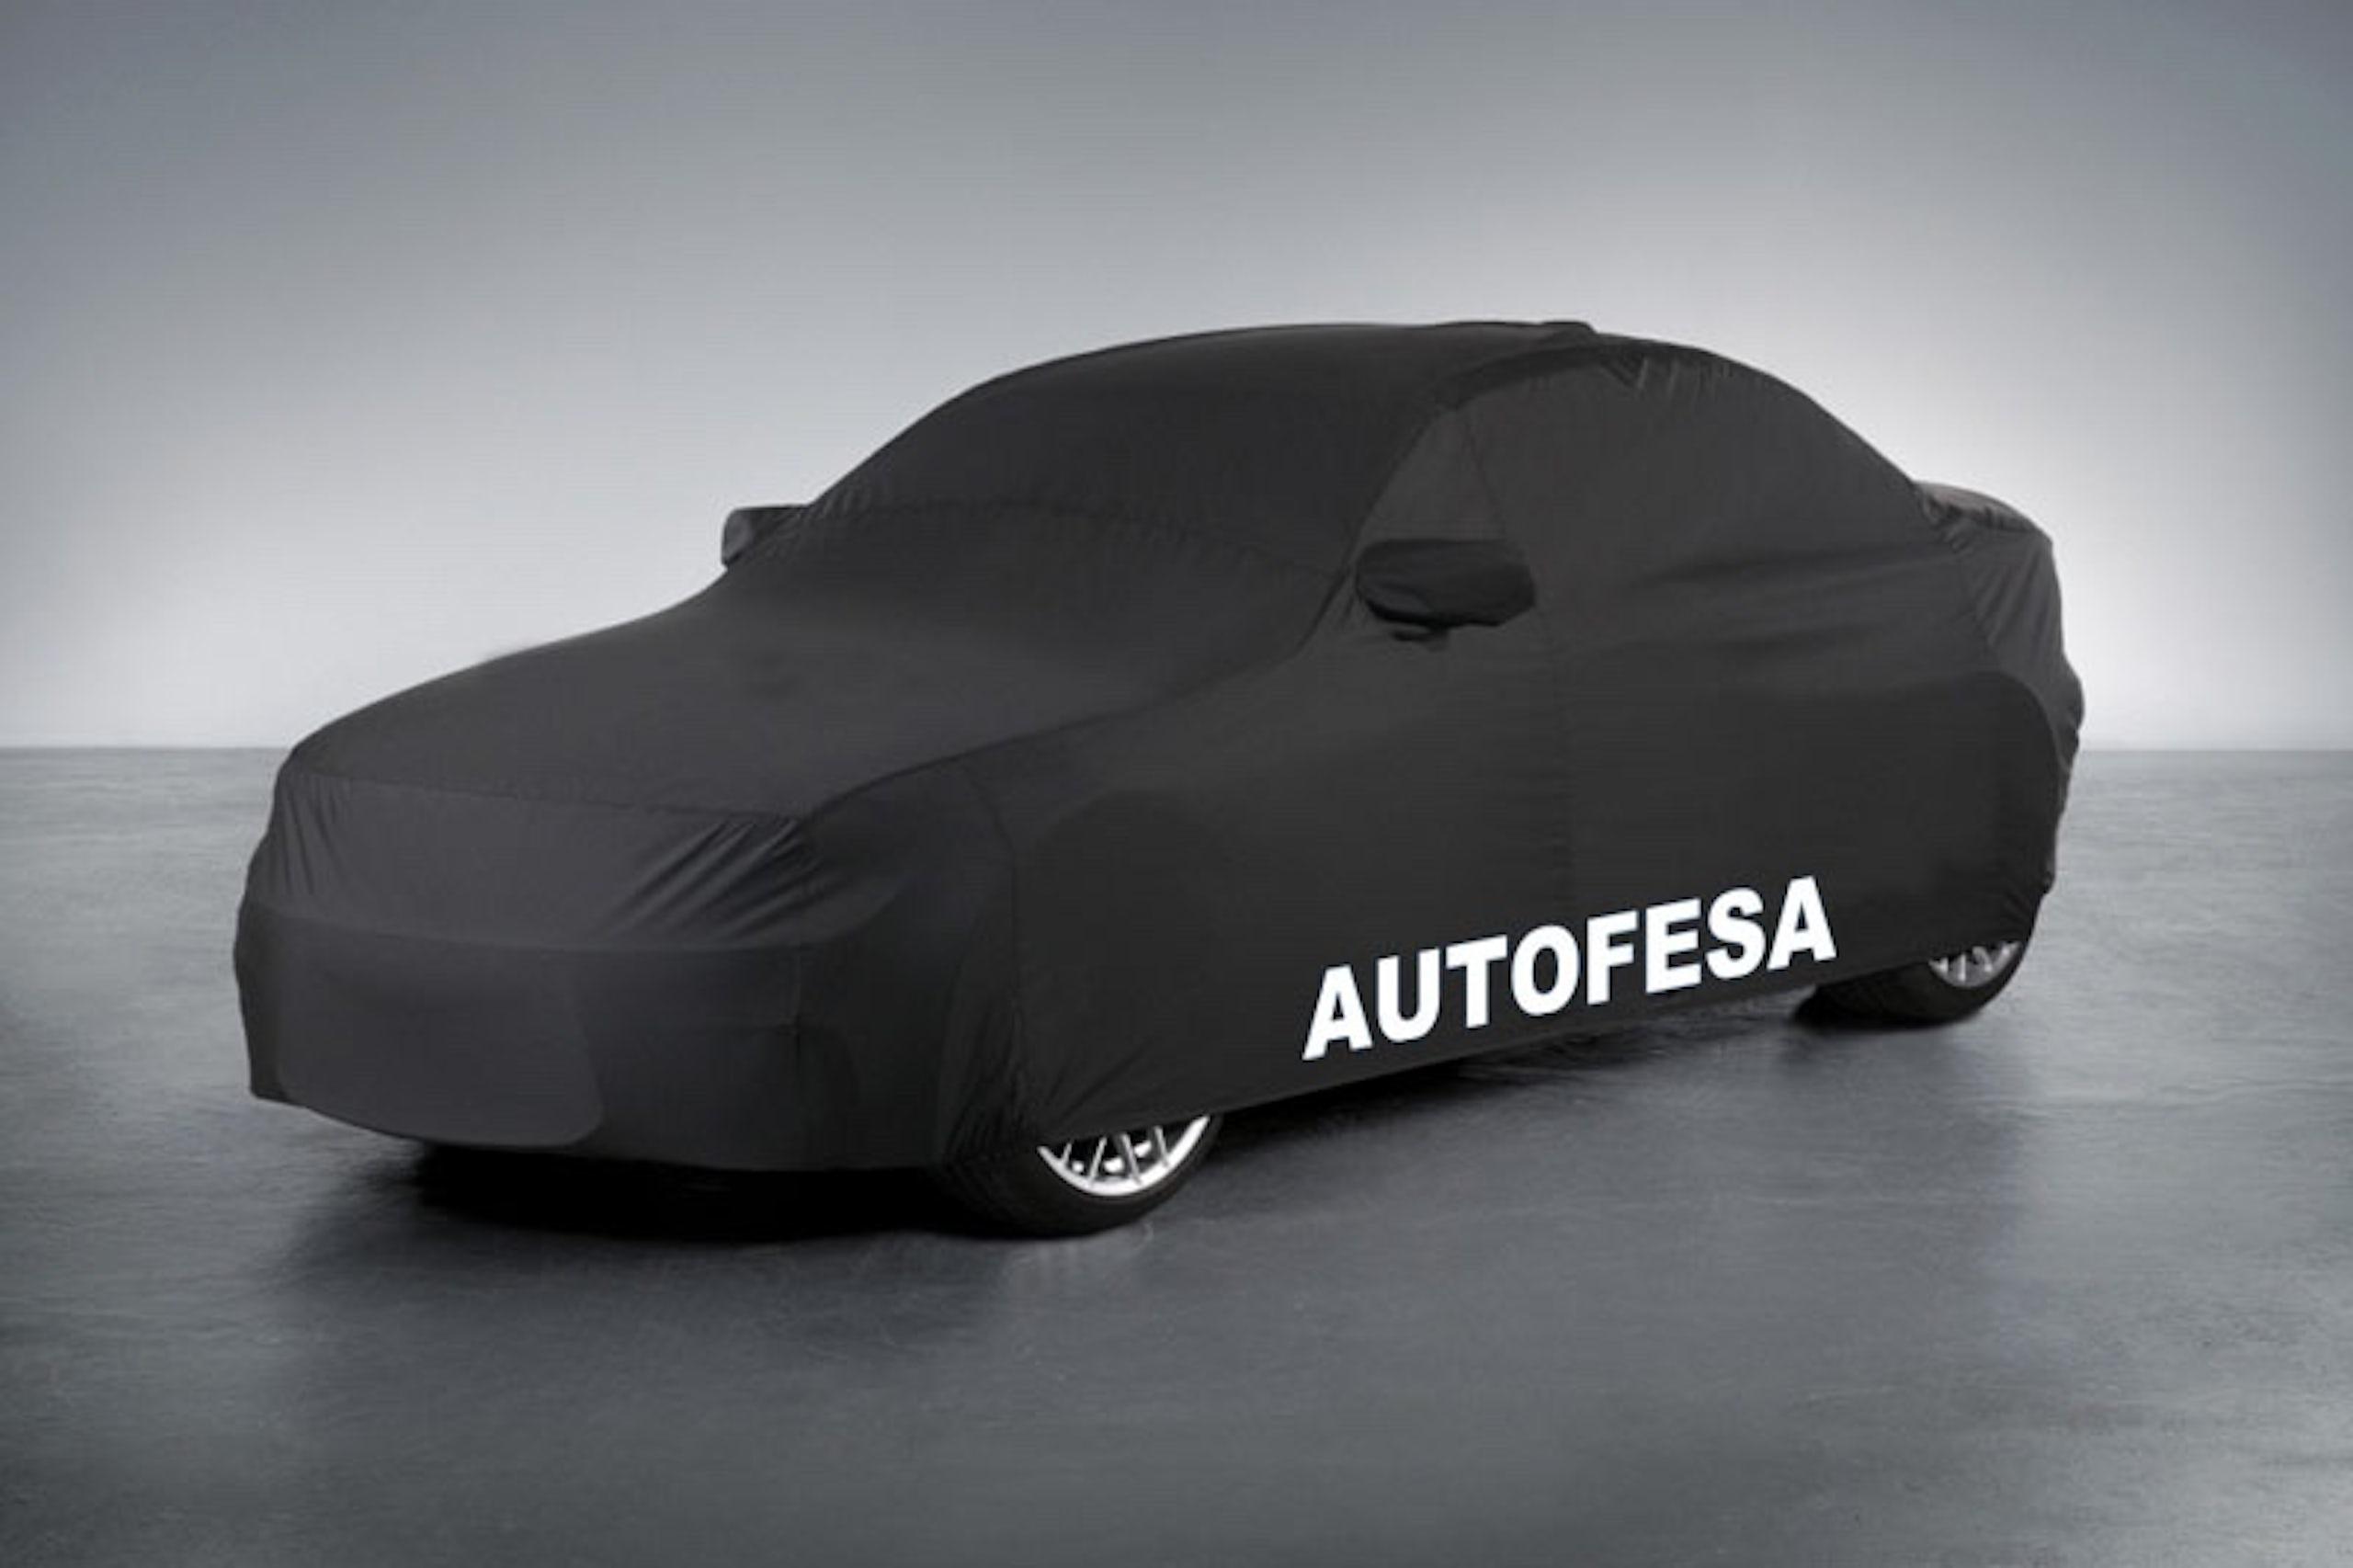 Audi Tts S Coupé 2.0 TFSI 245cv quattro S Line 3p S tronic Auto S/S - Foto 35